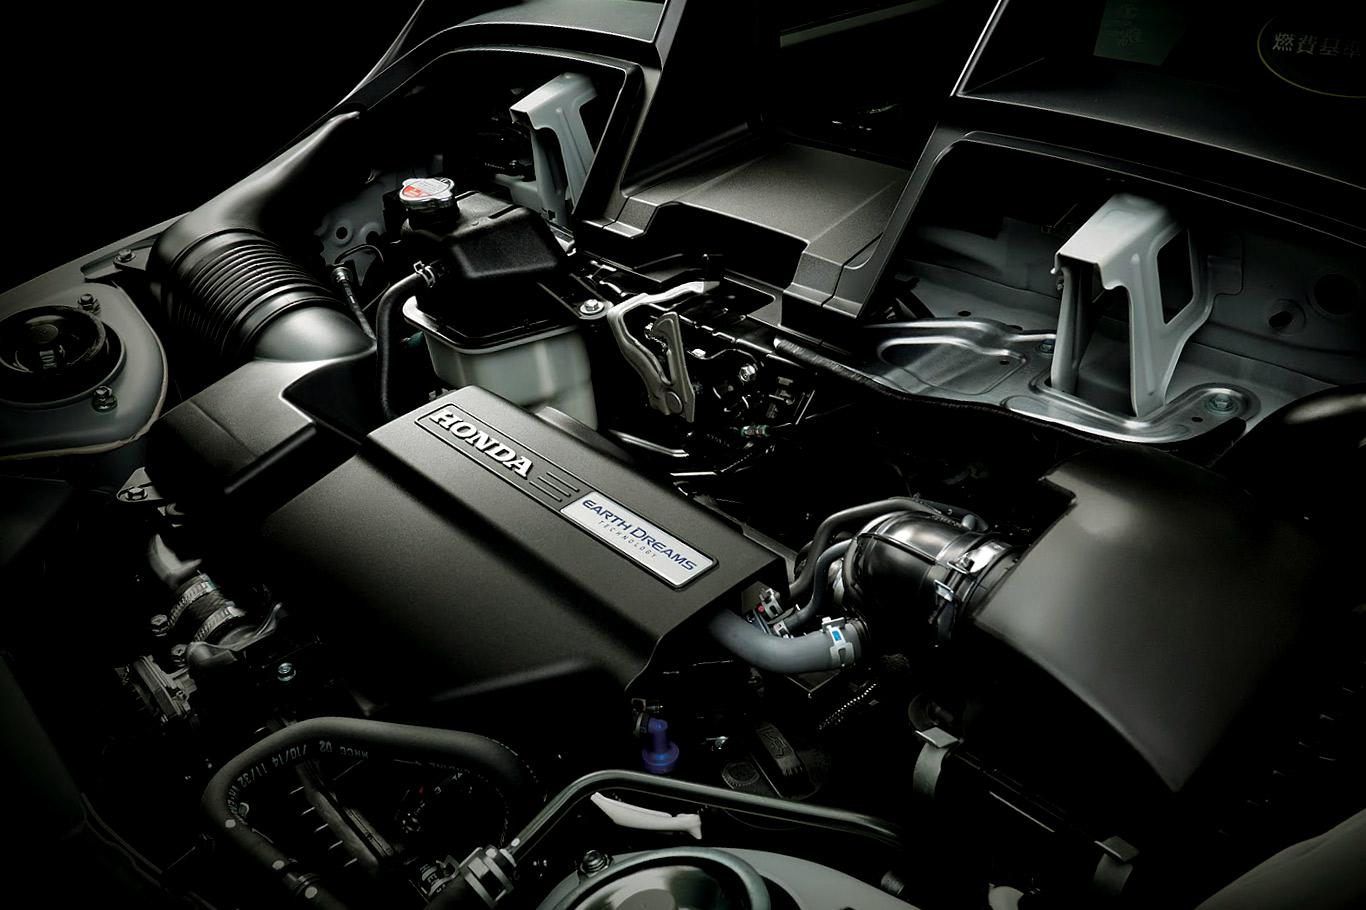 Honda S660 - rear engine under the hood / sous le capot moteur arrière